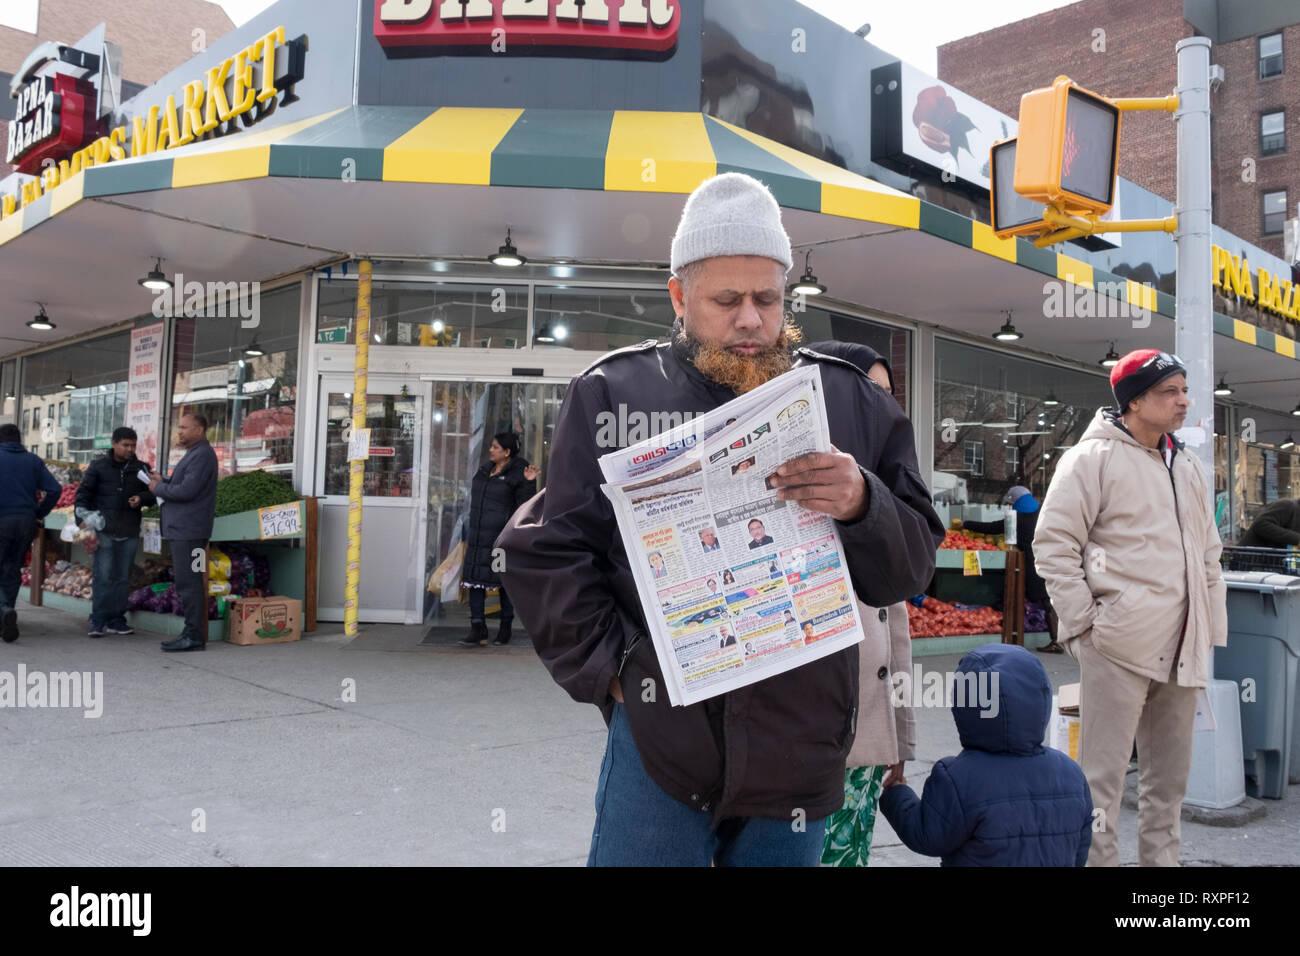 Un hombre musulmán con una barba teñida con henna lee un periódico bengalí en 37th Avenue en Jackson Heights, Queens, Ciudad de Nueva York. Imagen De Stock